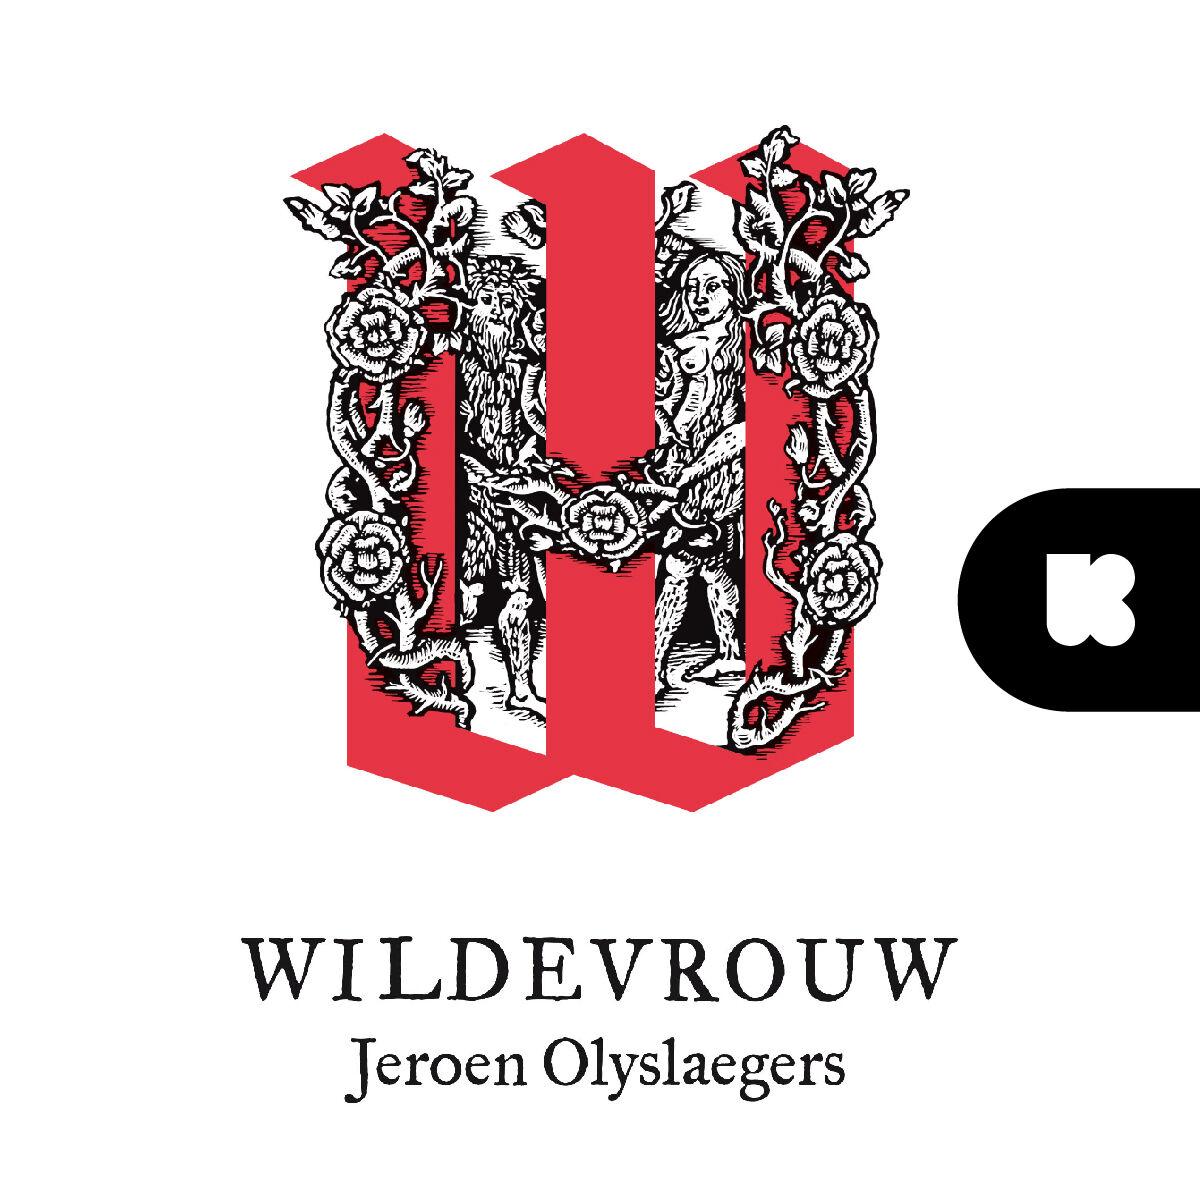 De Wereld van Wildevrouw met Jeroen Olyslaegers - Trailer